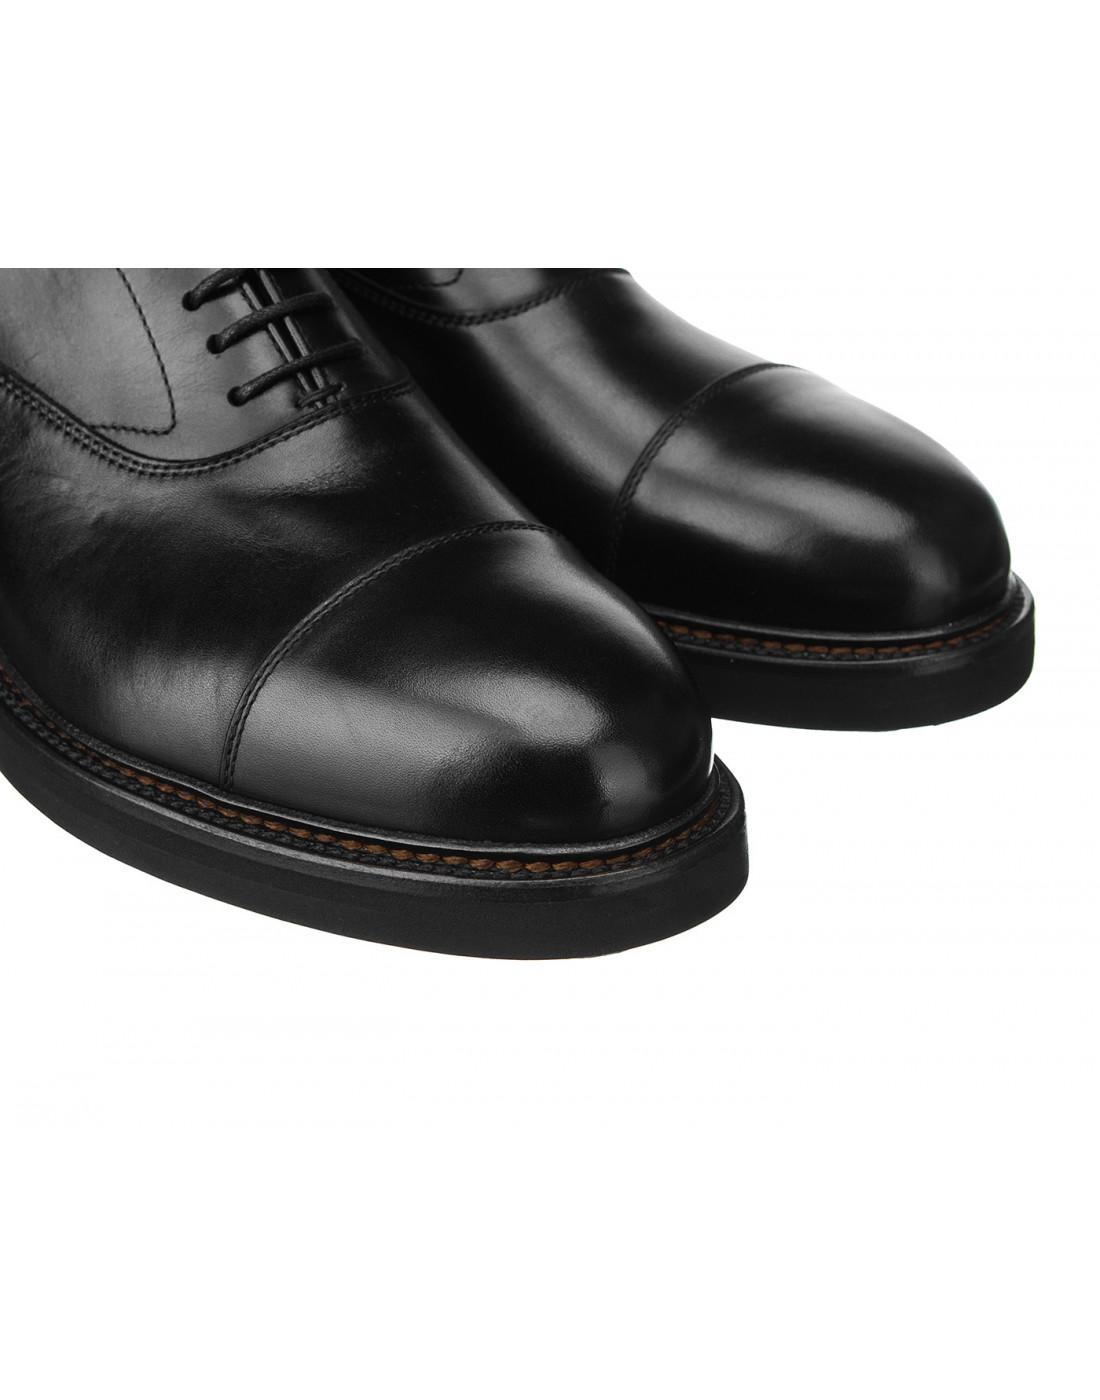 Туфли черные мужские Henderson S58304-4